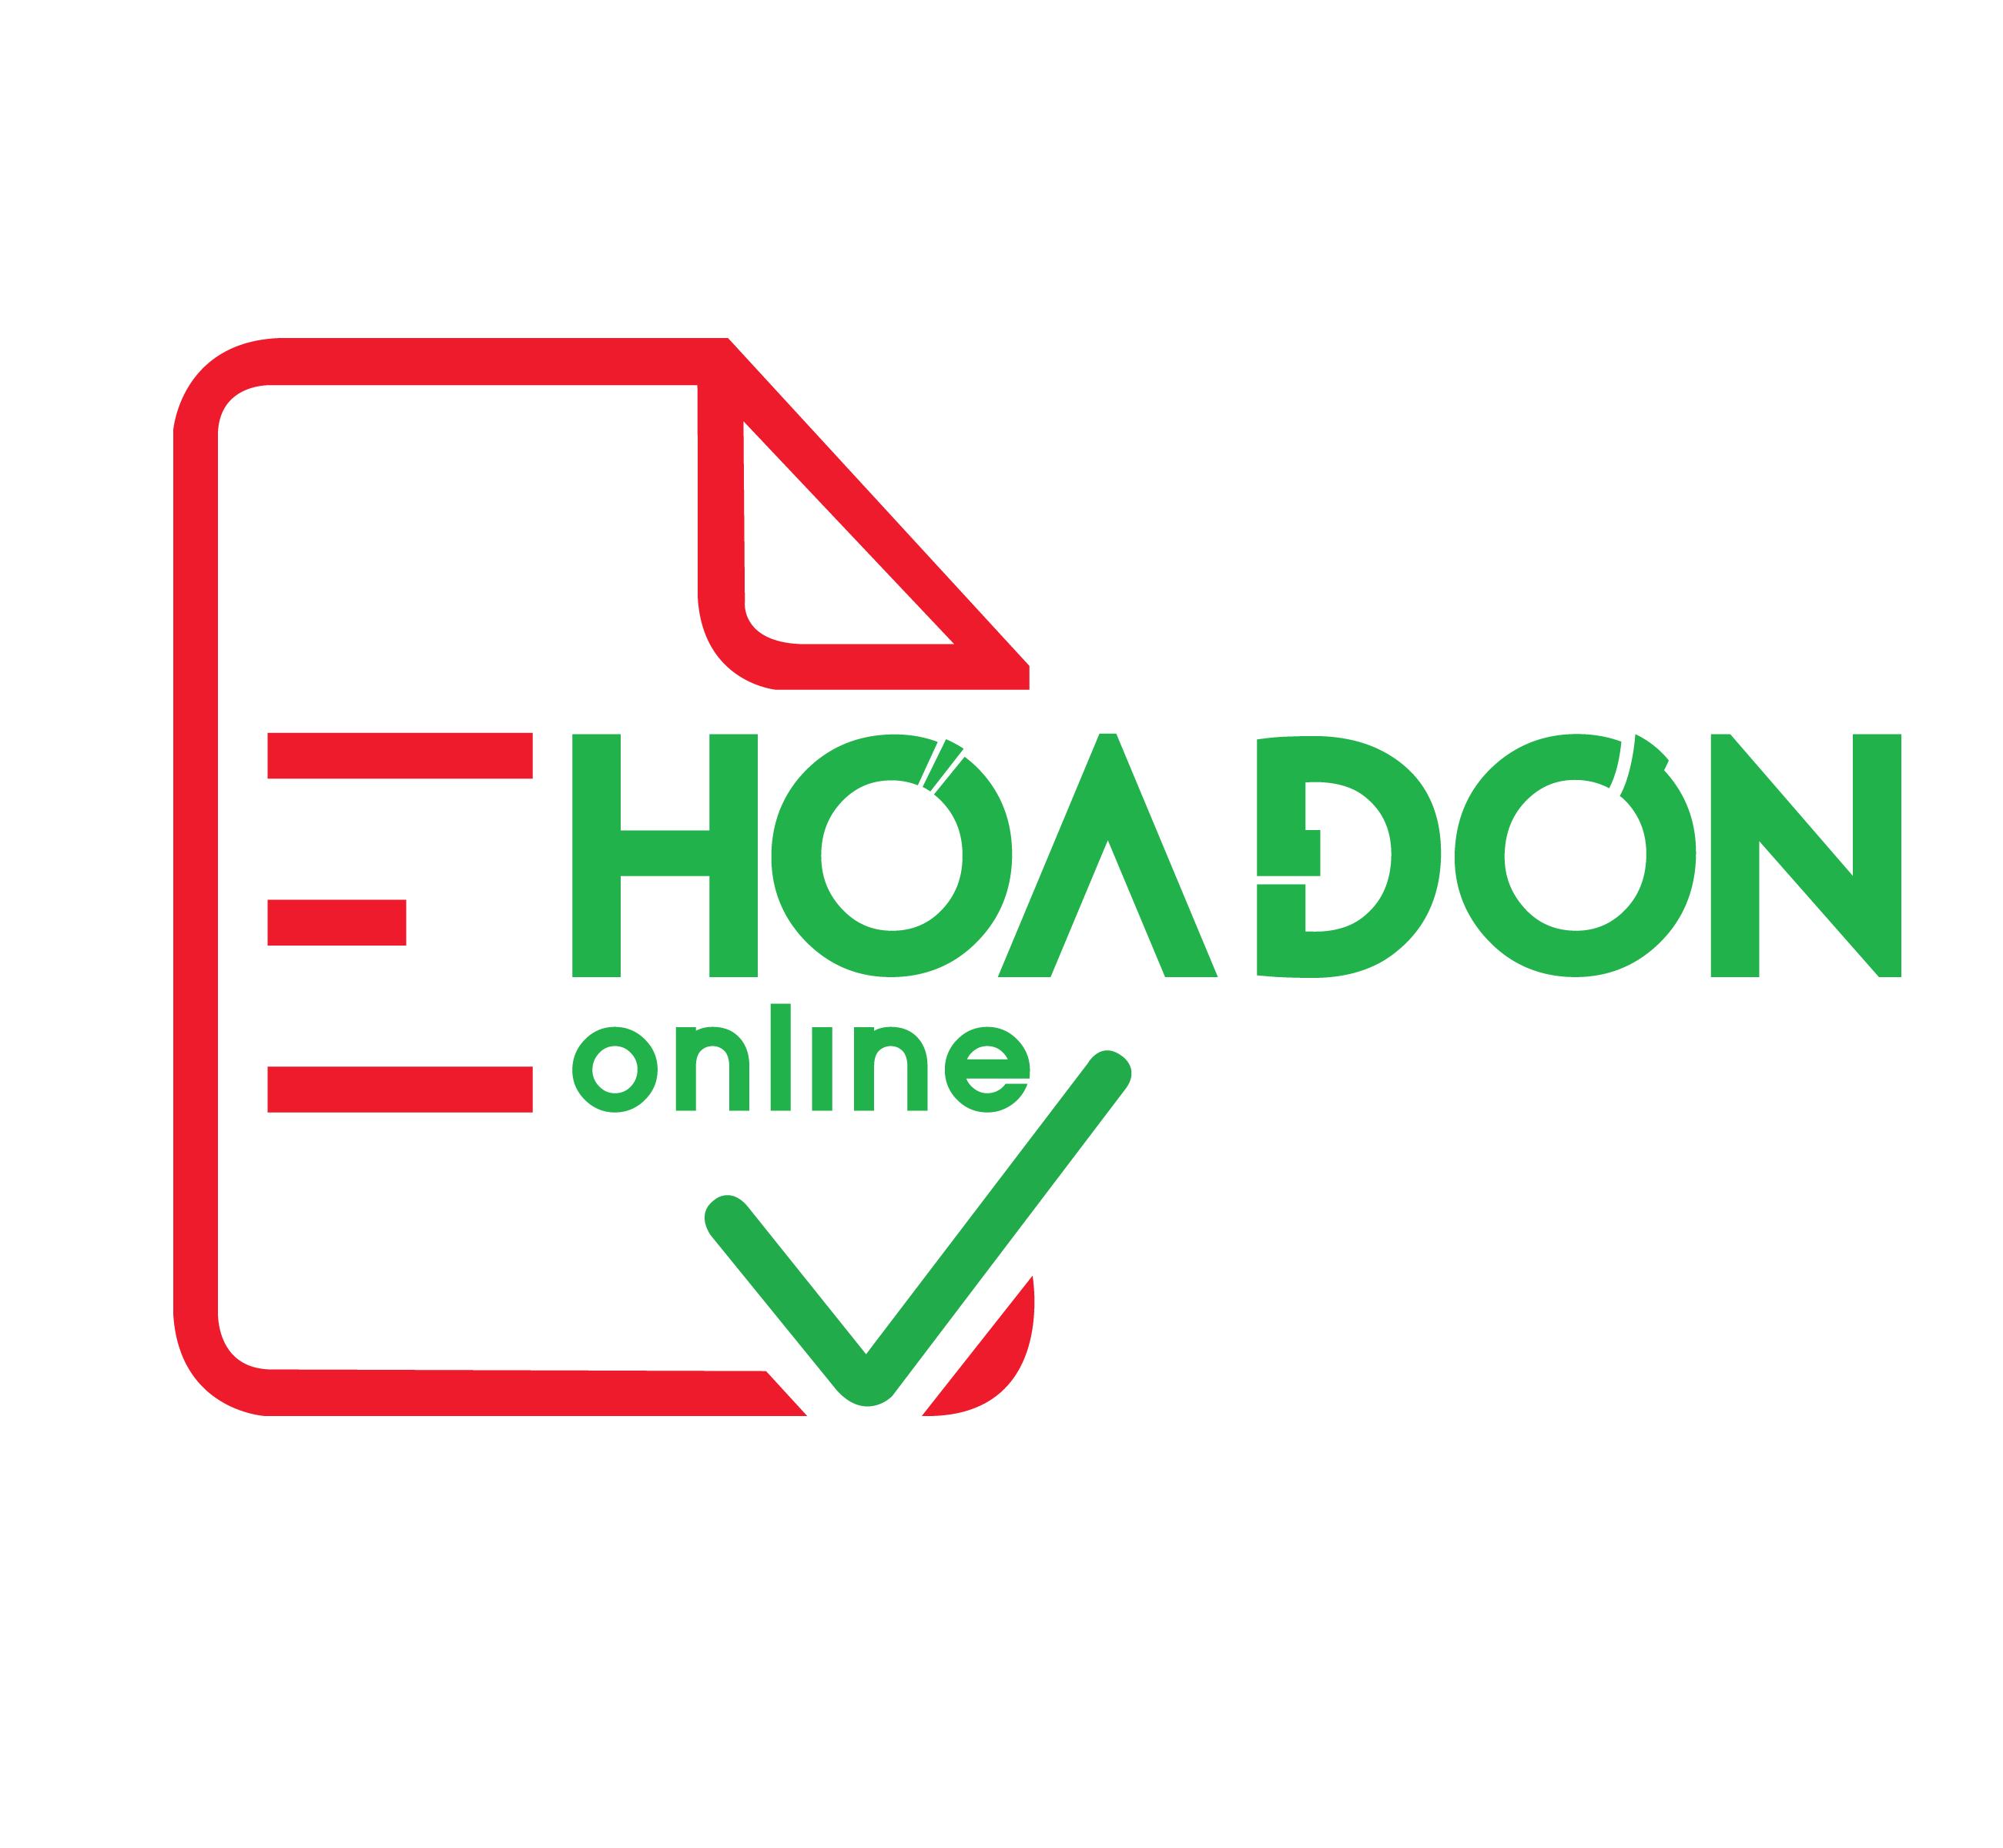 eHoaDon Online tài trợ các doanh nghiệp là thành viên của câu lạc bộ SIYB triển khai giải pháp hóa đơn điện tử.